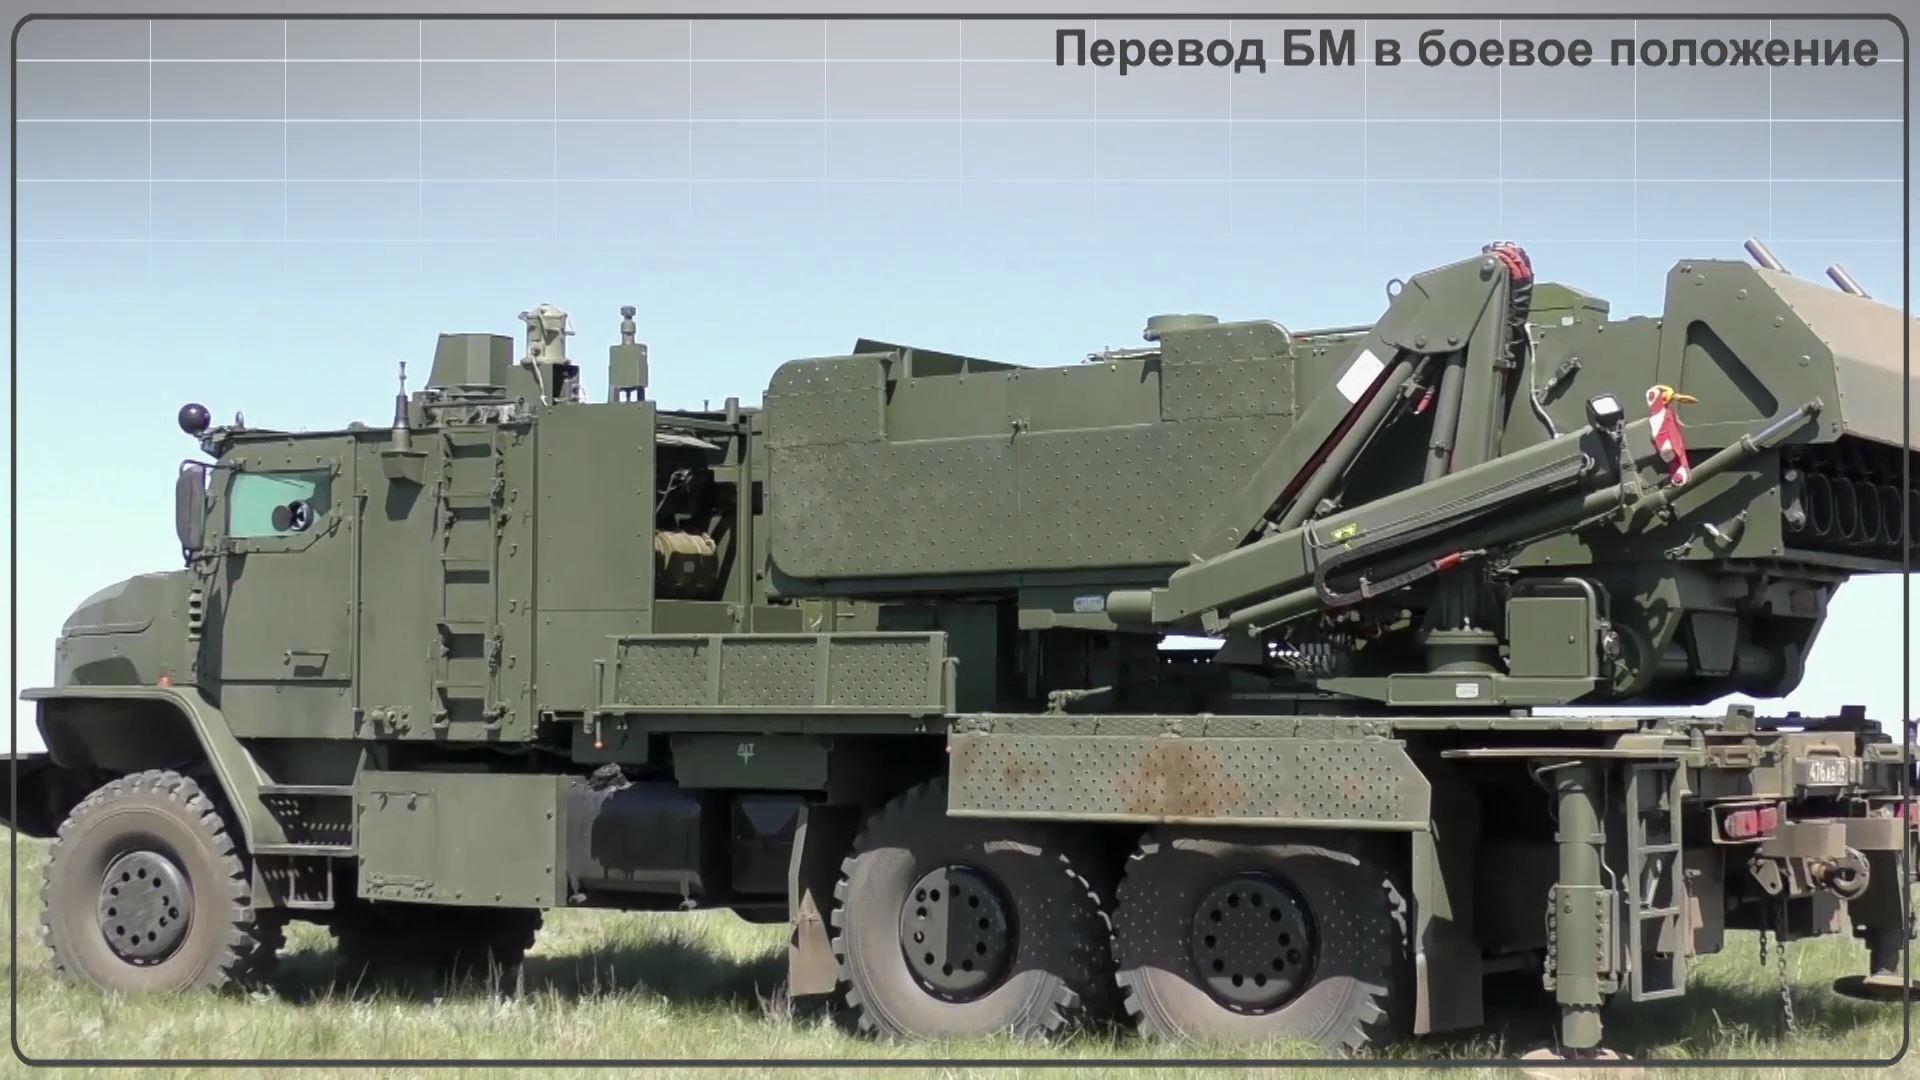 TOS-2-logo-mp4-000063160